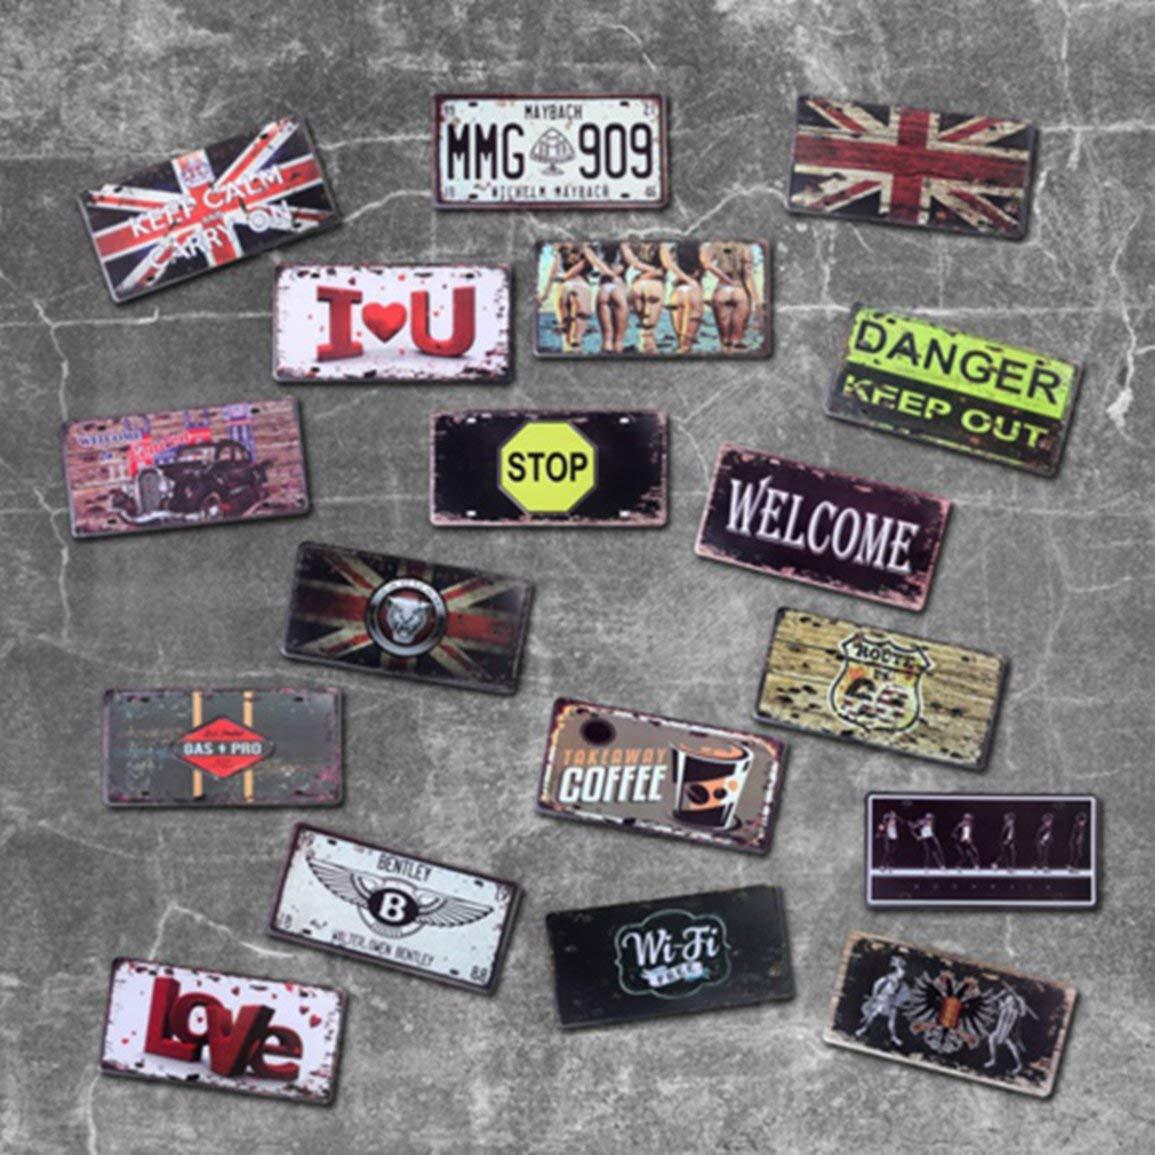 fghfhfgjdfj Garaje De Metal De Metal Placa De Matr/ícula Vintage Decoraci/ón del Hogar Cartel De Chapa Bar Pub Garaje Decorativo Letrero De Metal Placa De Pintura De Metal